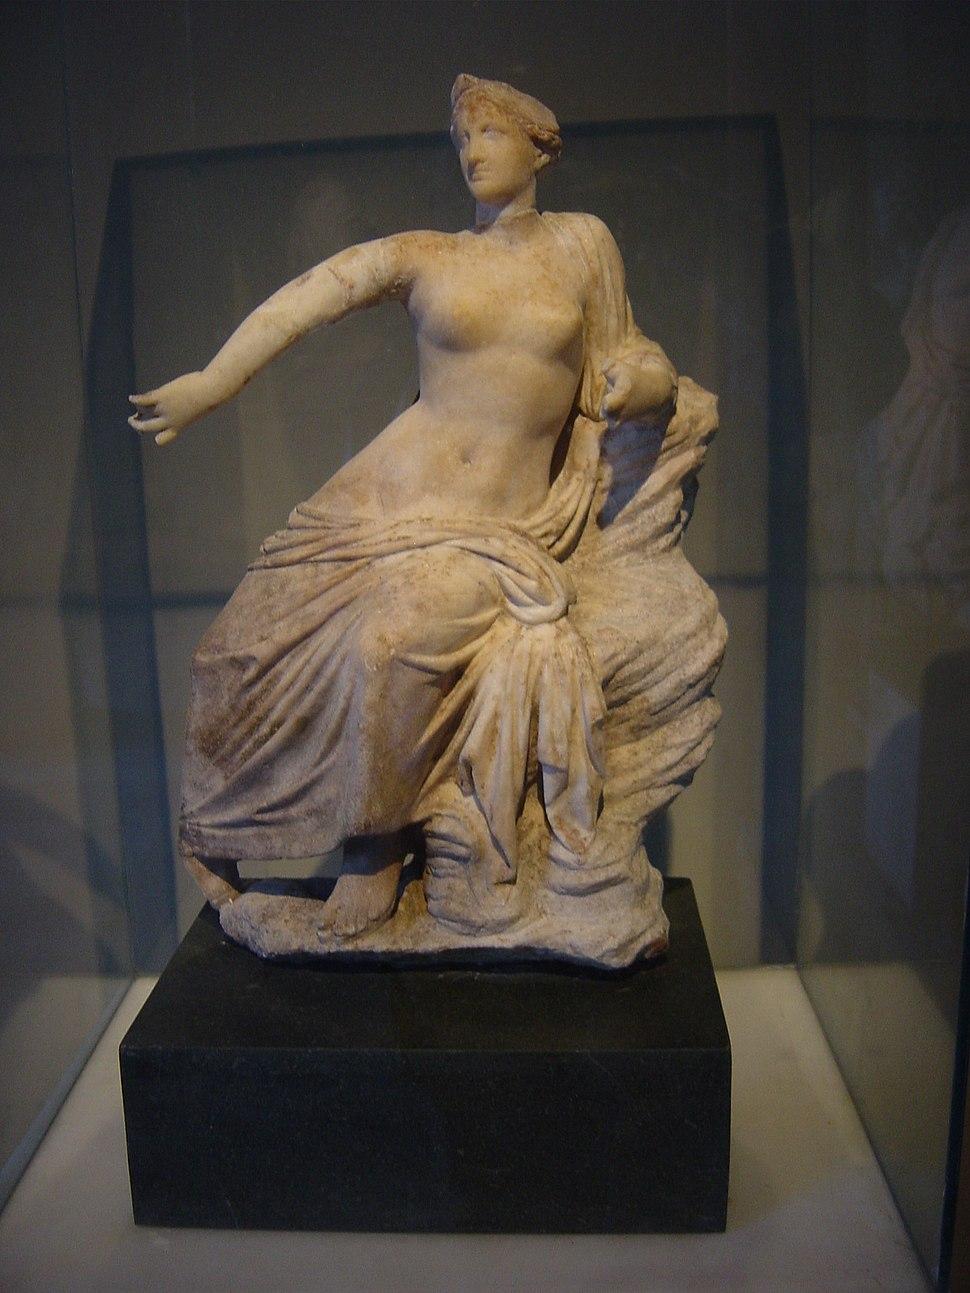 DSC04485a Istanbul - Museo archeol. - Afrodite - sec. III-II a.C. - da Priene - Foto G. Dall'Orto 28-5-2006